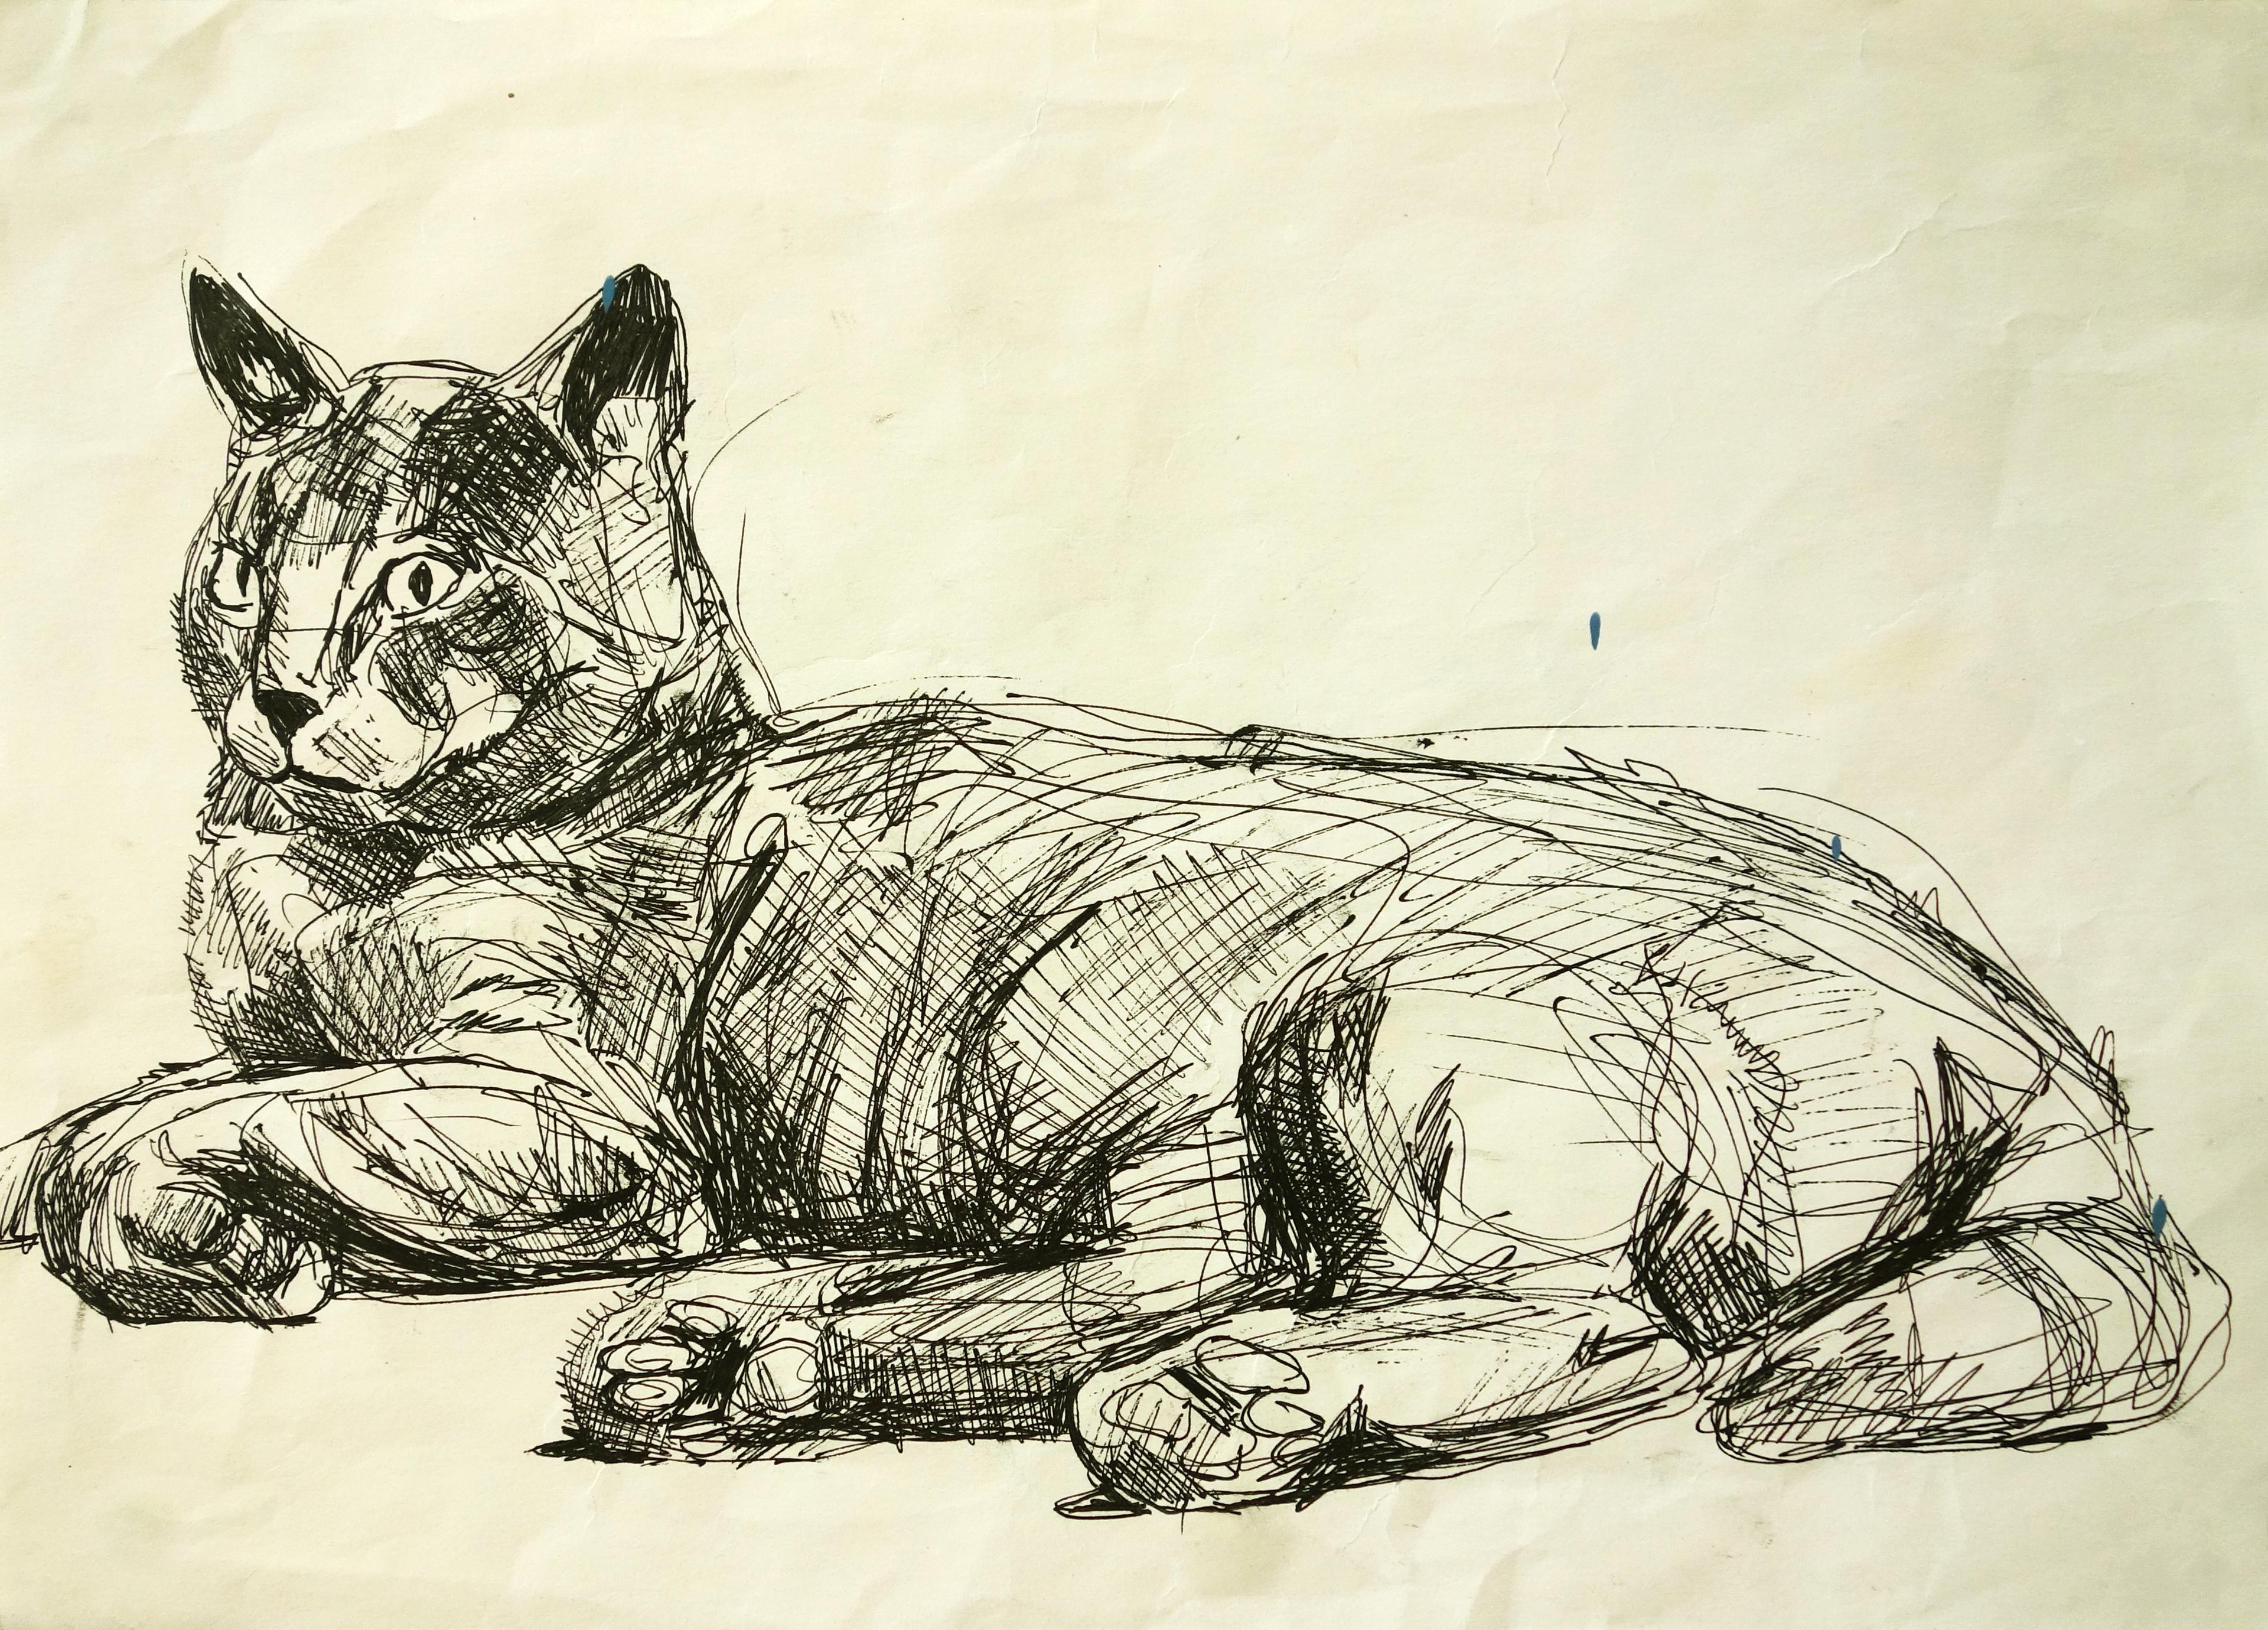 Momo - sketch I